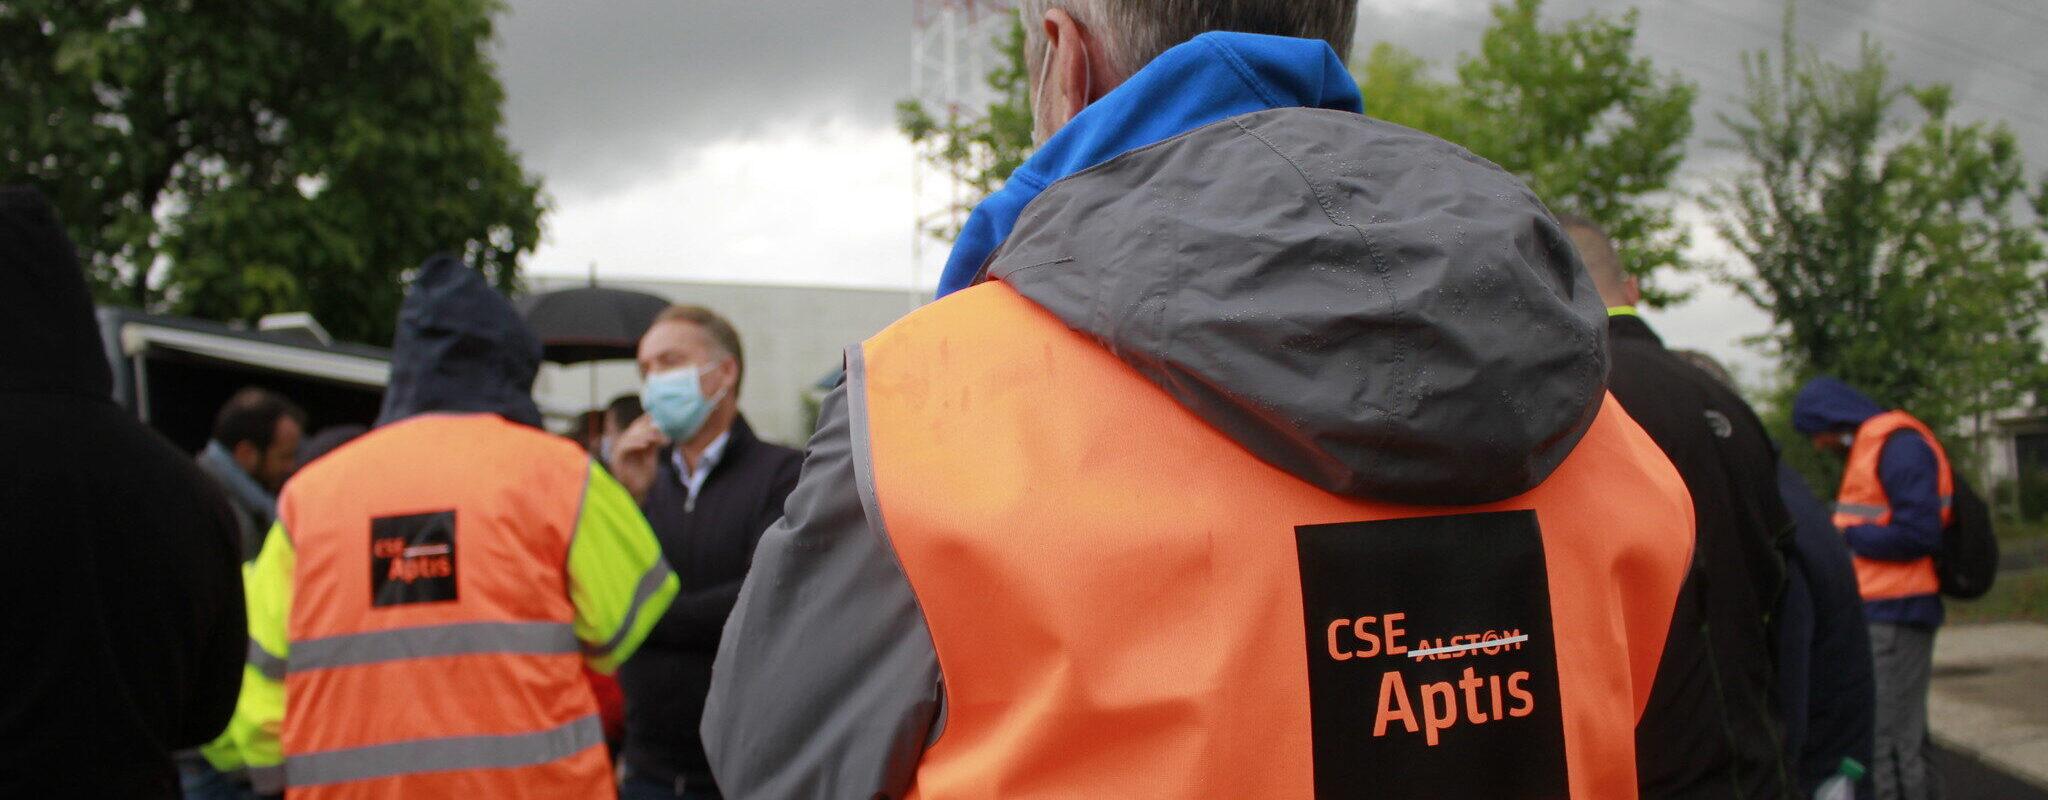 Grève graduelle à Alstom-Aptis, alors qu'un mystérieux repreneur est évoqué